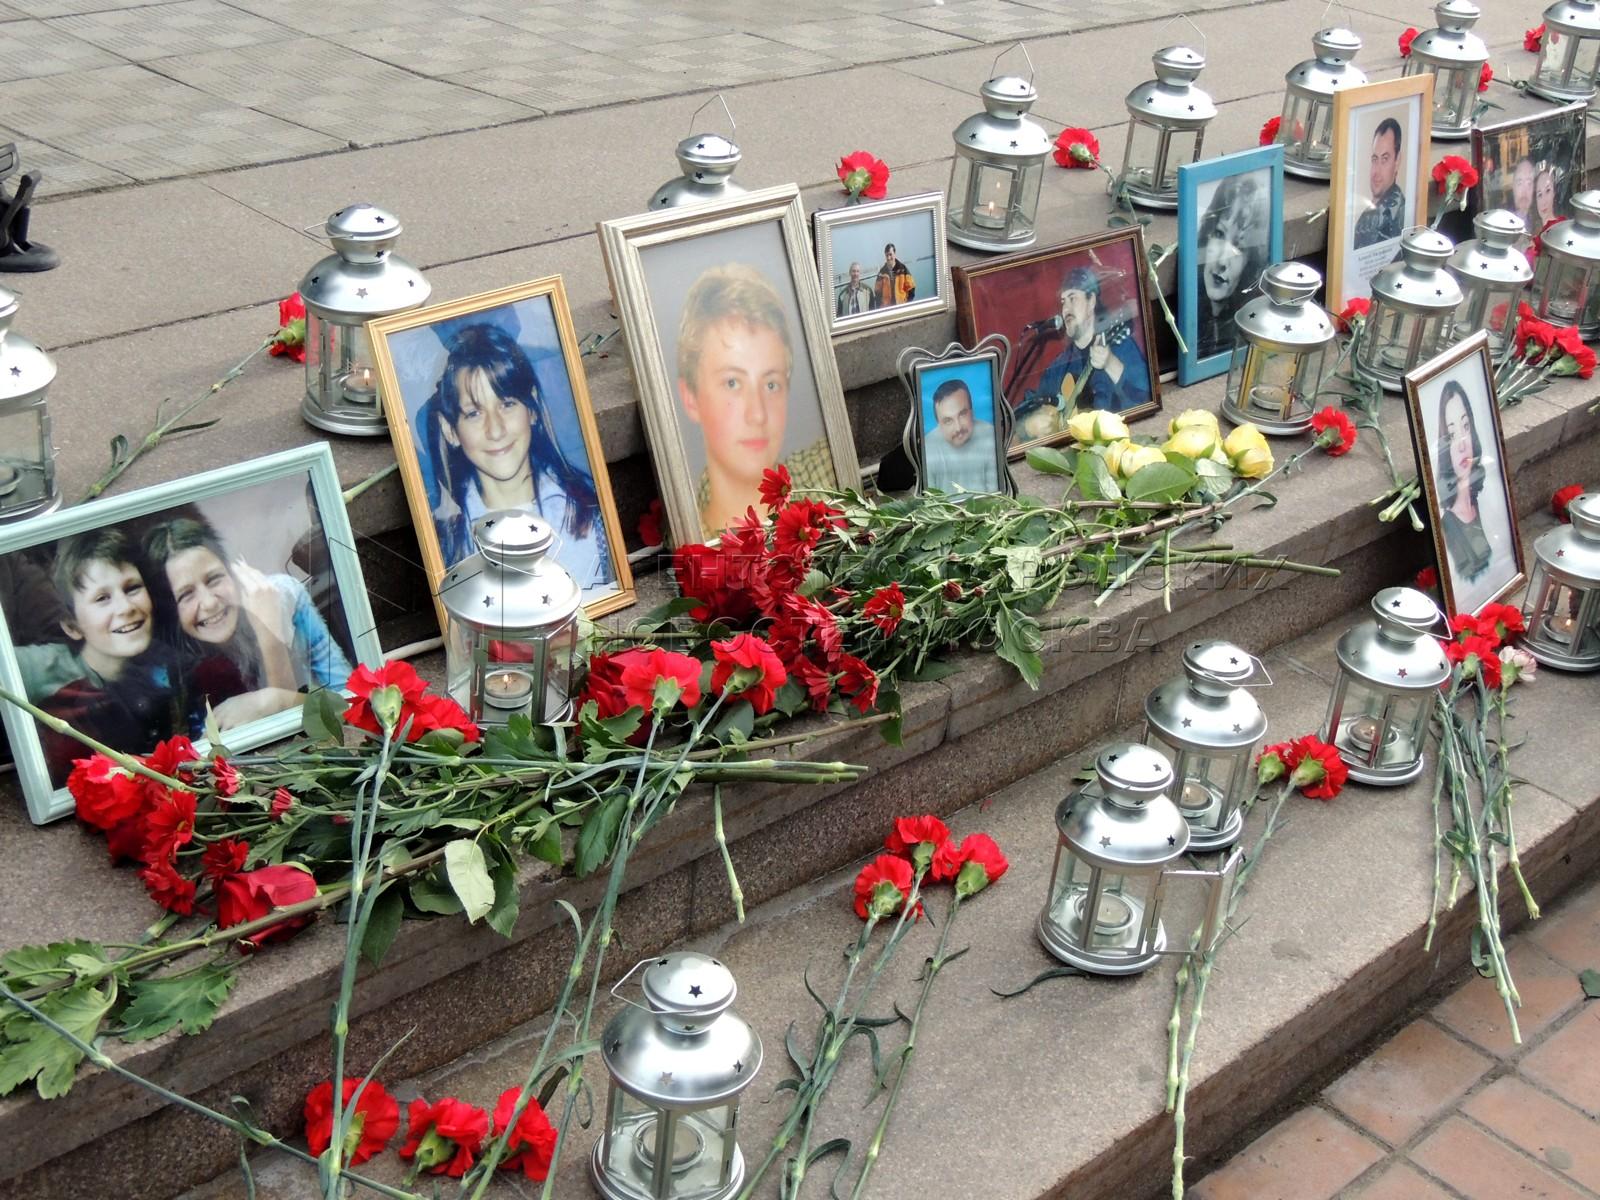 Памятные мероприятия, посвященные жертвам теракта в Театральном центре на Дубровке в 2002 г. во время мюзикла «Норд-Ост»